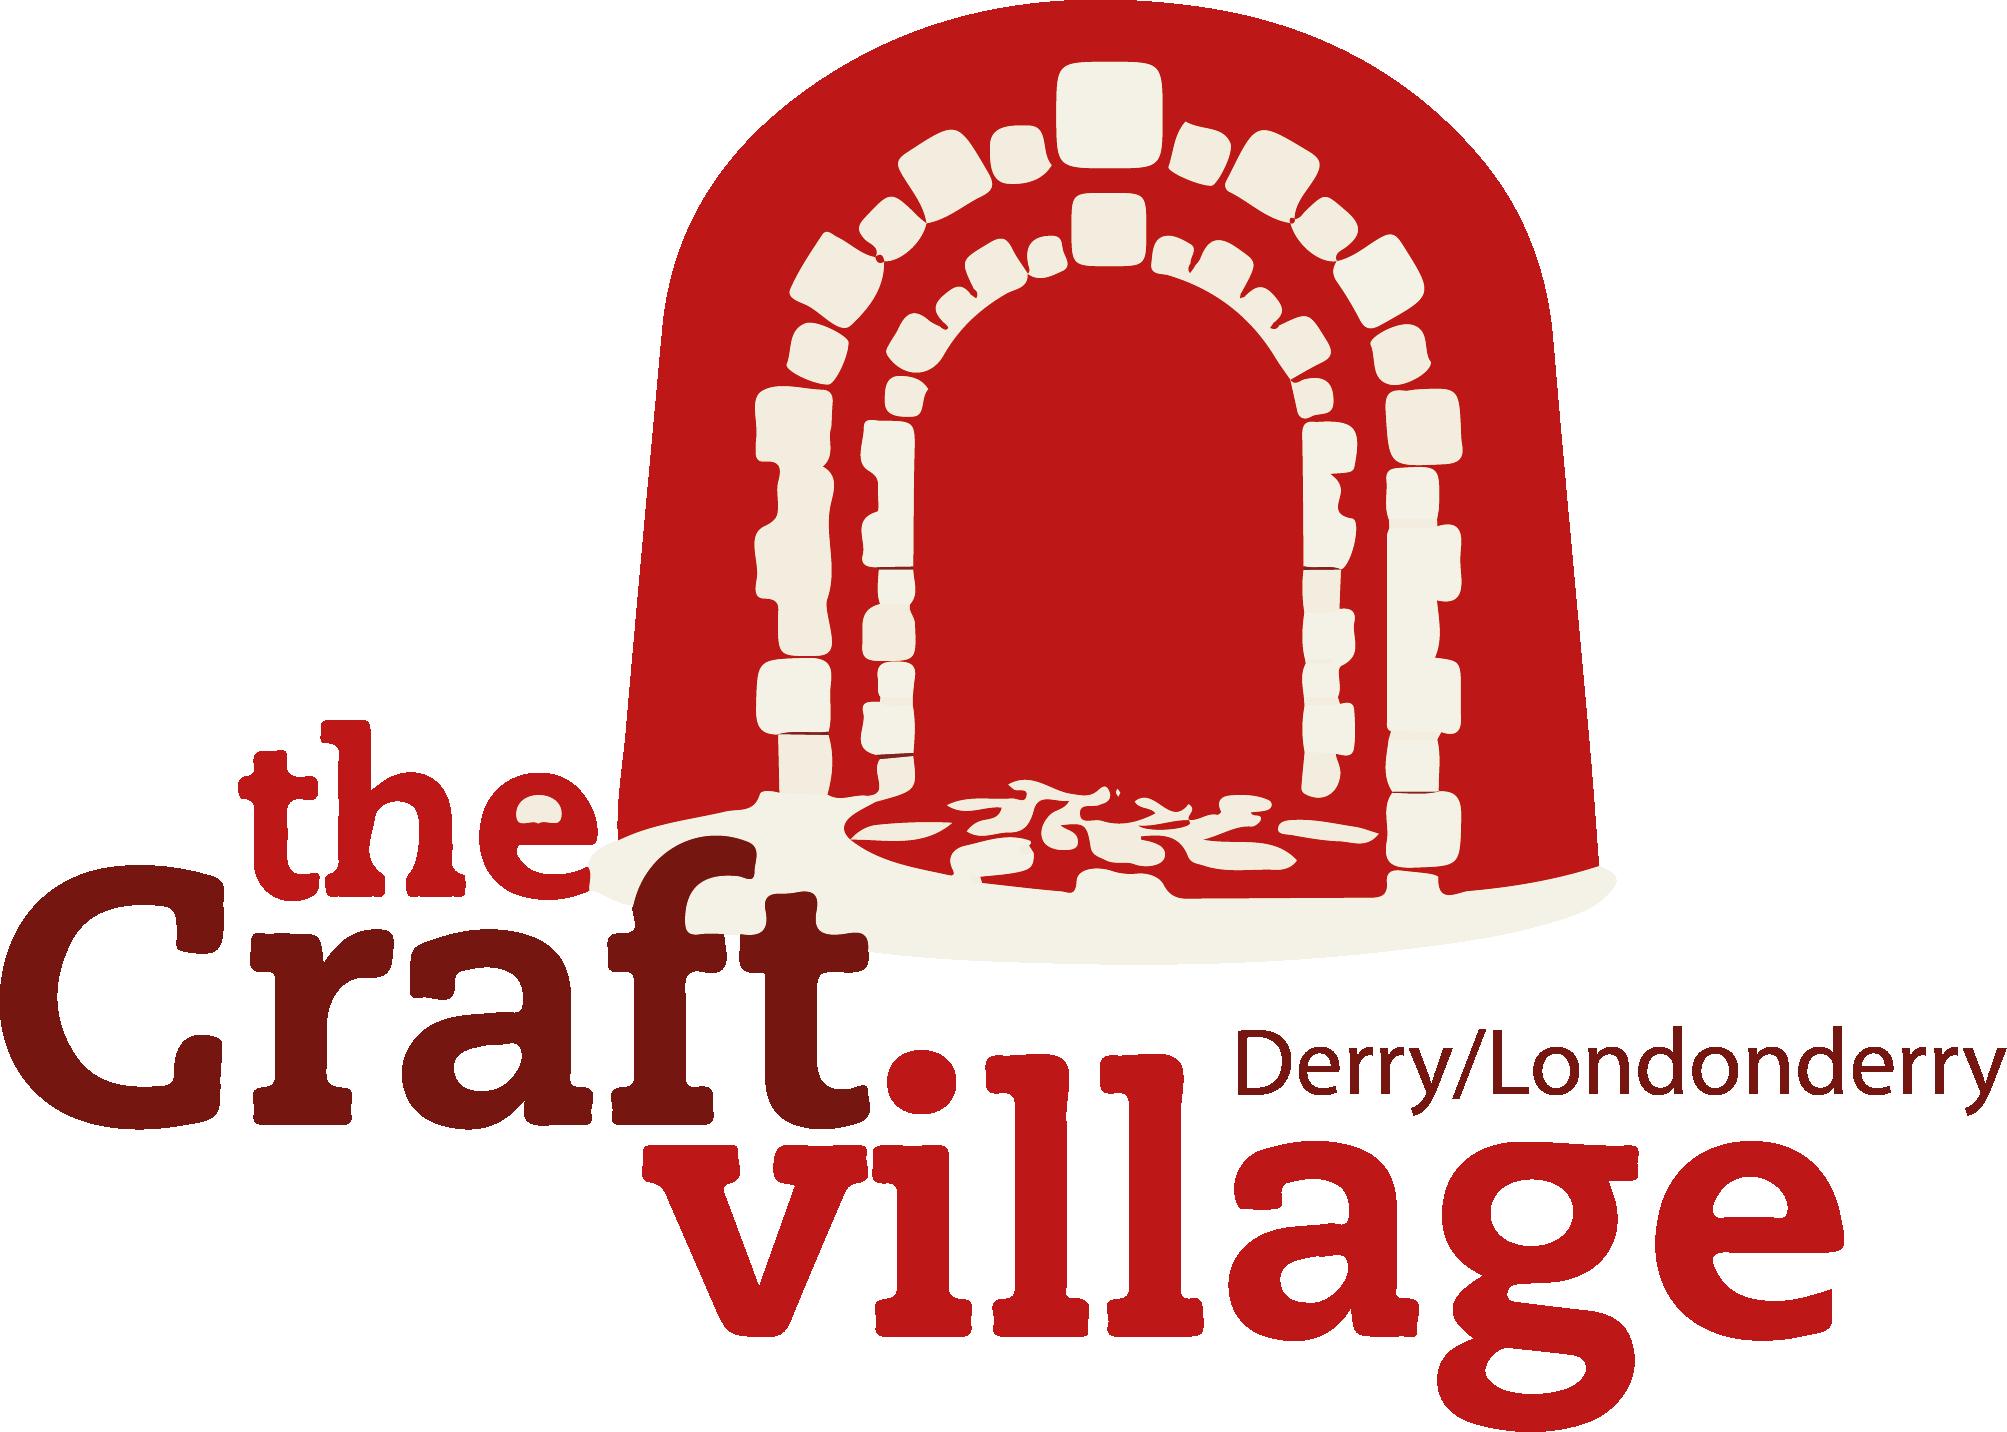 Sessions derrycraftvillage. Cottage clipart thatch